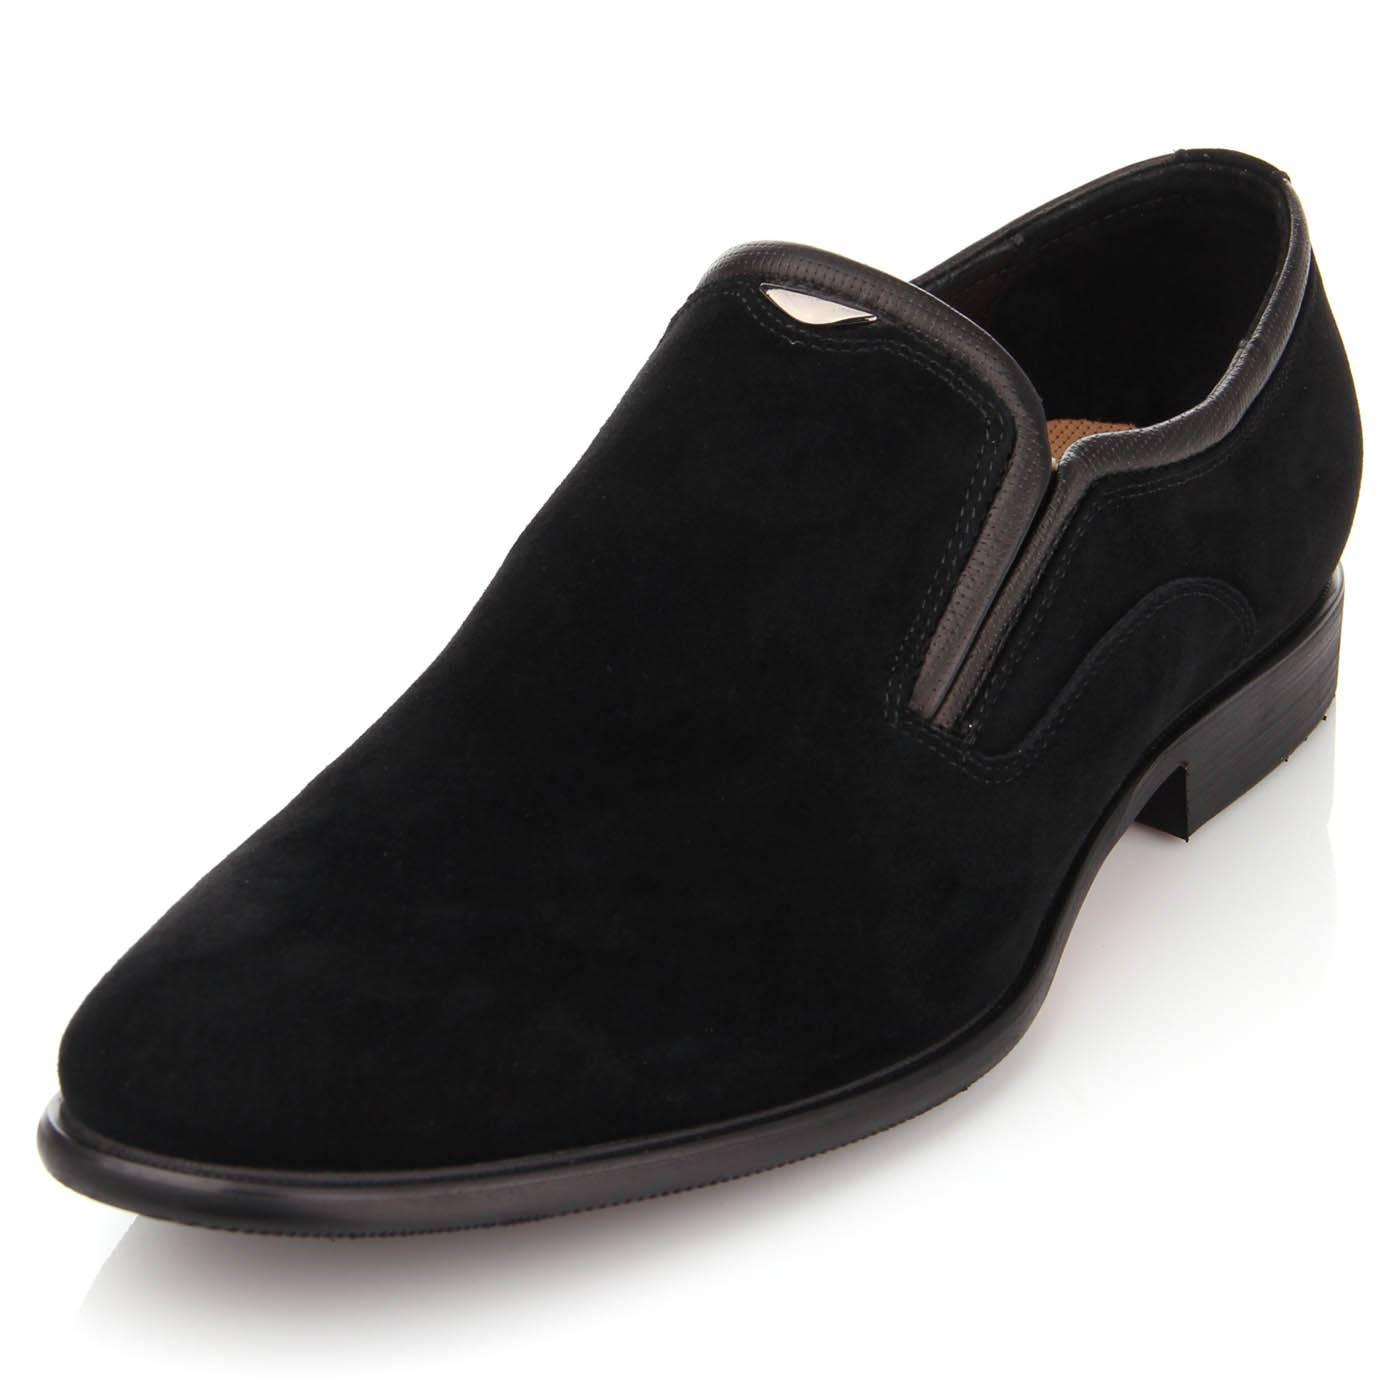 Туфли мужские ditto 6053 Черный купить по выгодной цене в интернет ... 6f287977be370